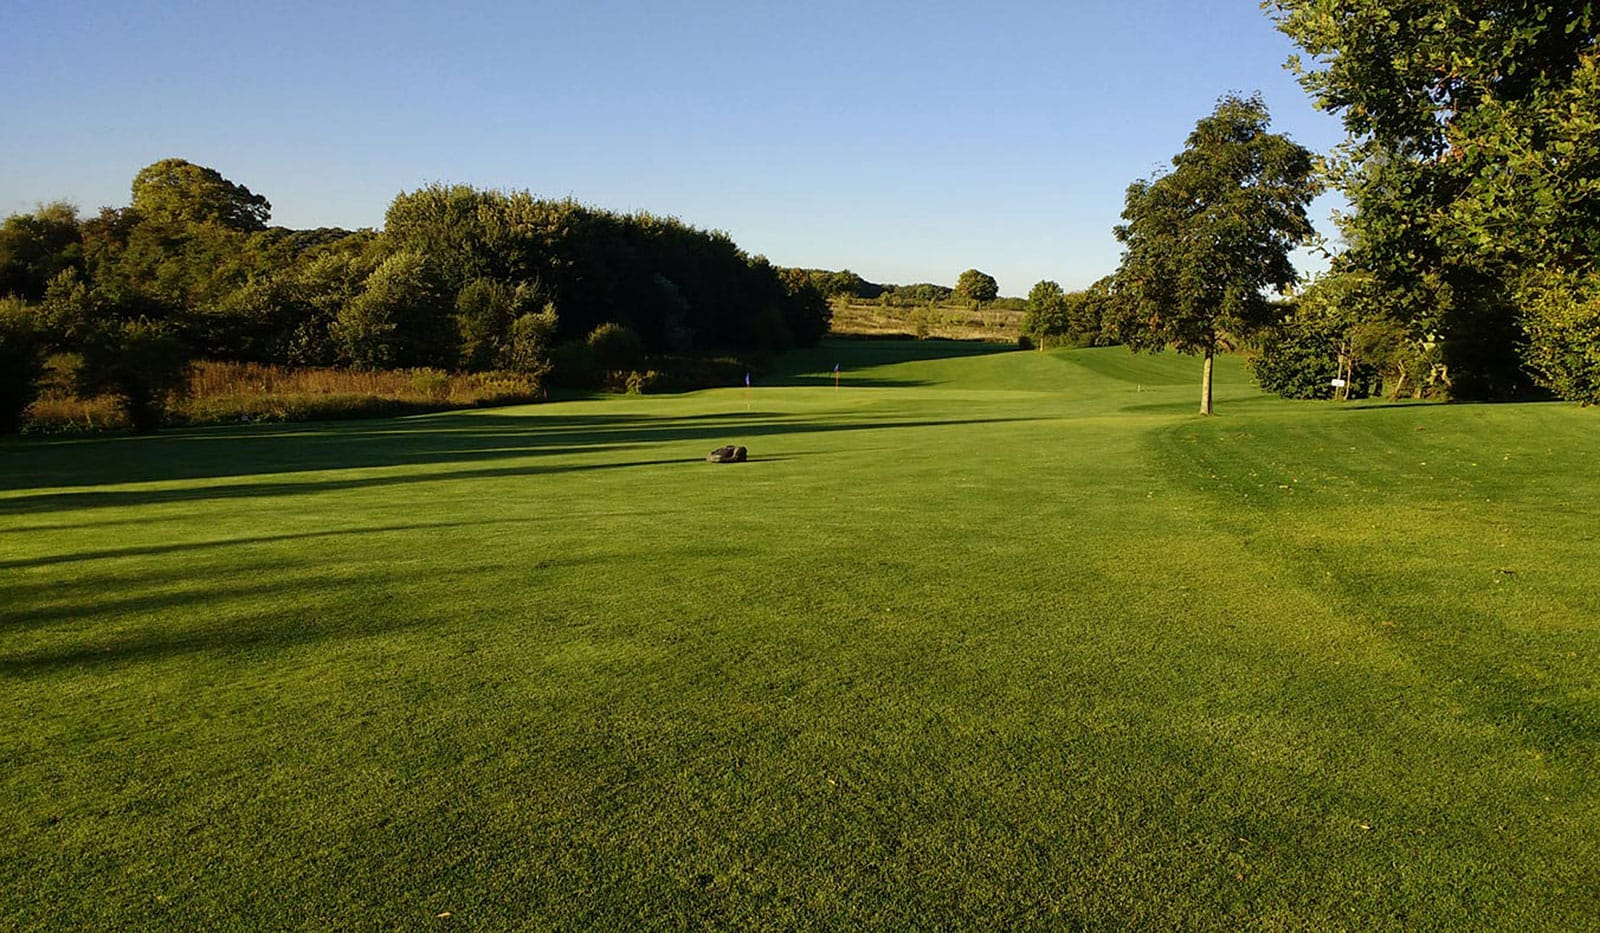 Mähroboter Golfclub Stenerberg